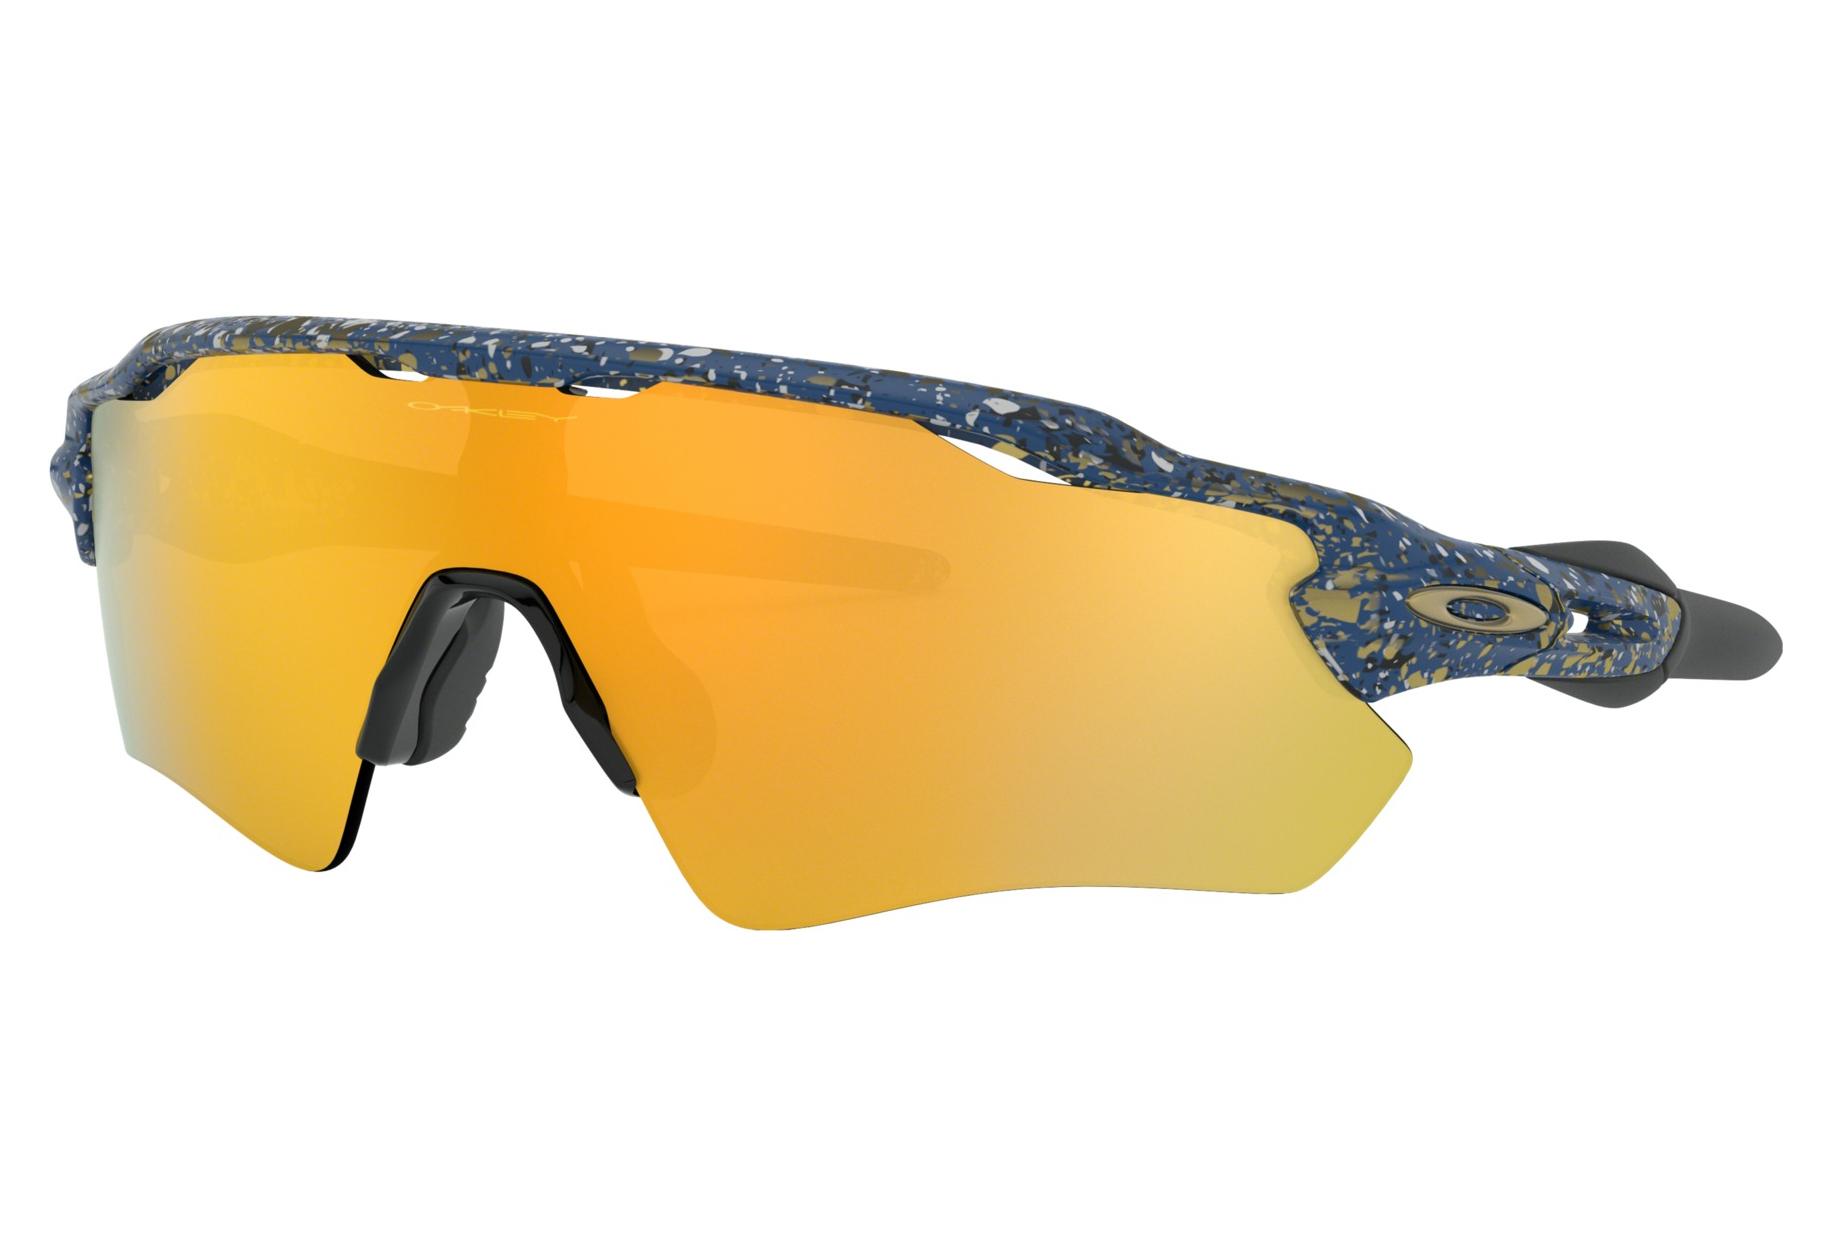 abbastanza economico Sneakers 2018 alta qualità Oakley Sunglasses Radar Ev Path Metallic Splatter Collection ...